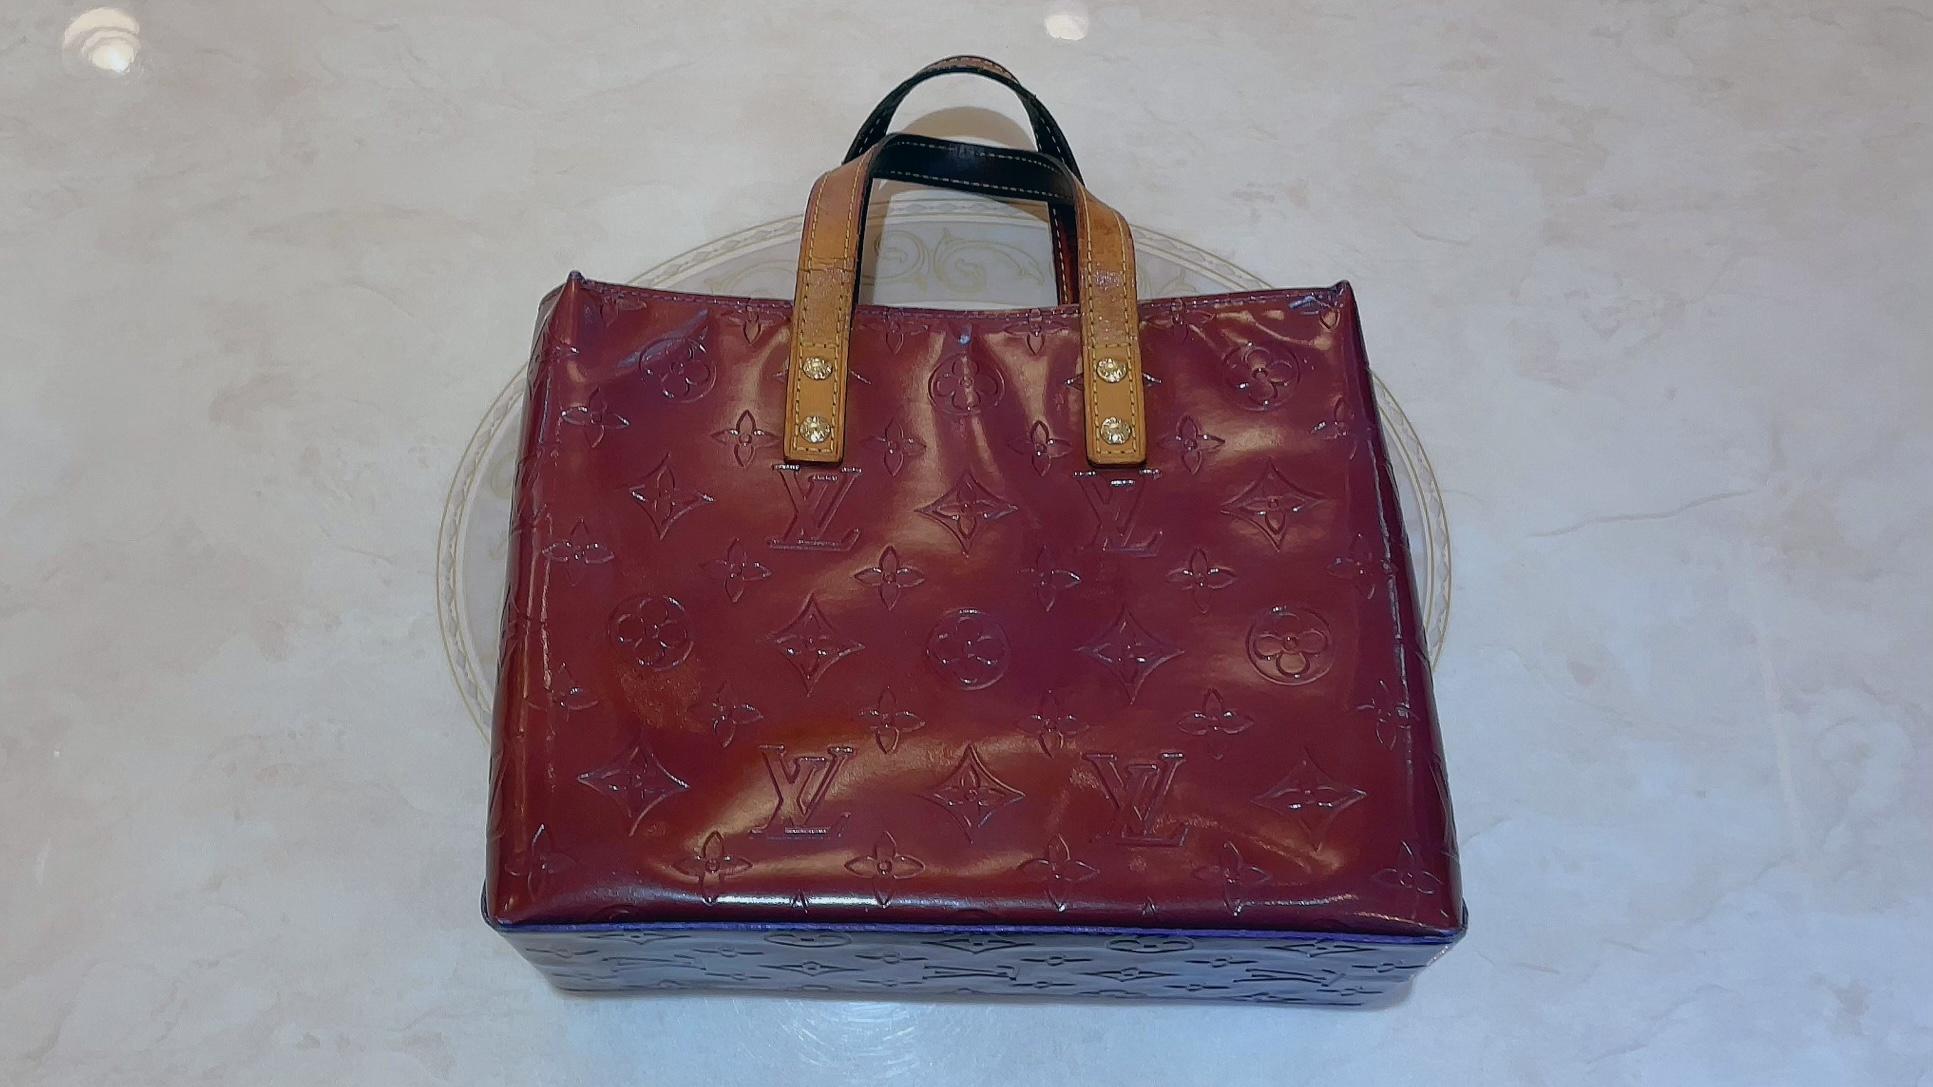 【買取速報】ブランドバッグ、LOUIS VUITTON-2021-07-02